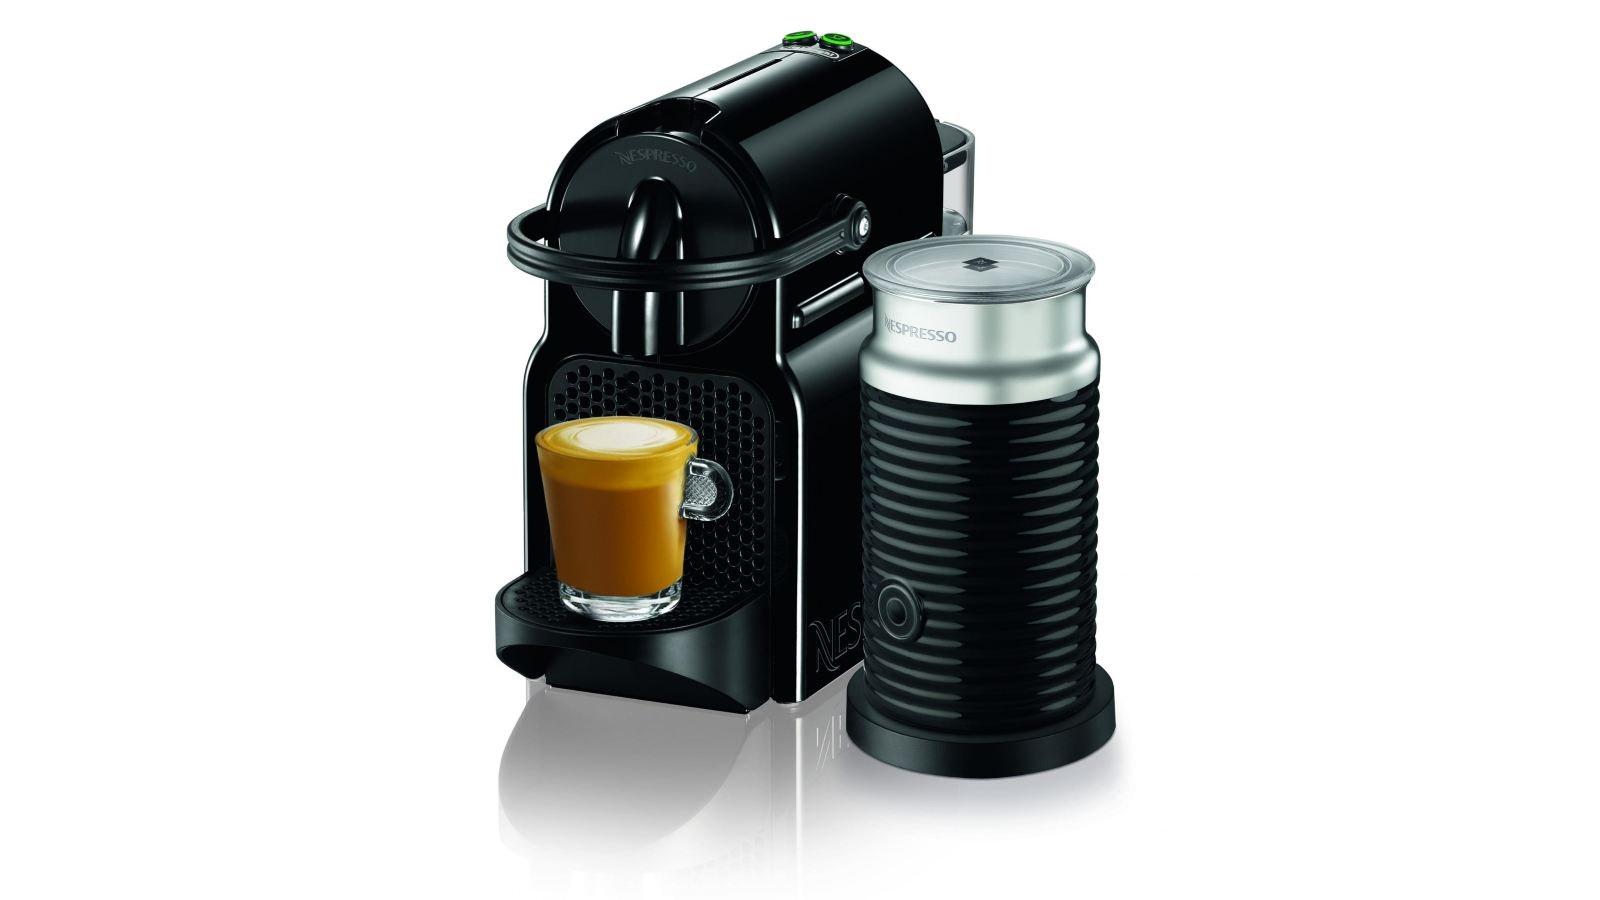 DeLonghi Nespresso Inissia Coffee Machine - Black